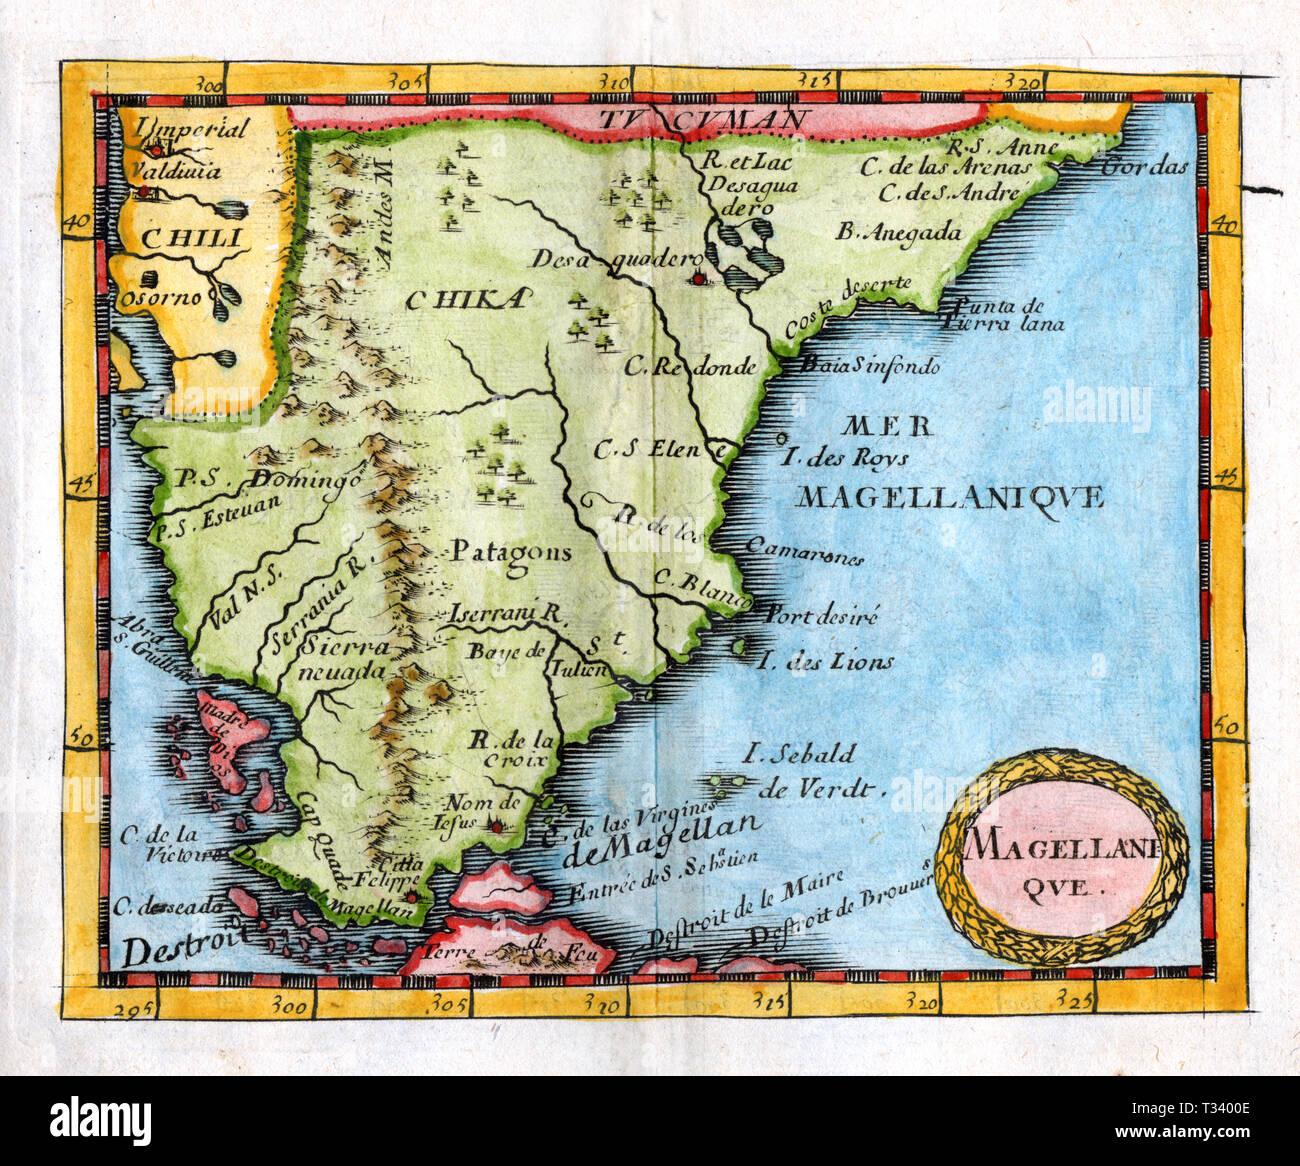 Chile Patagonien Karte.Antike Karte Von Patagonien Oder Den Sudlichen Kegel Aus